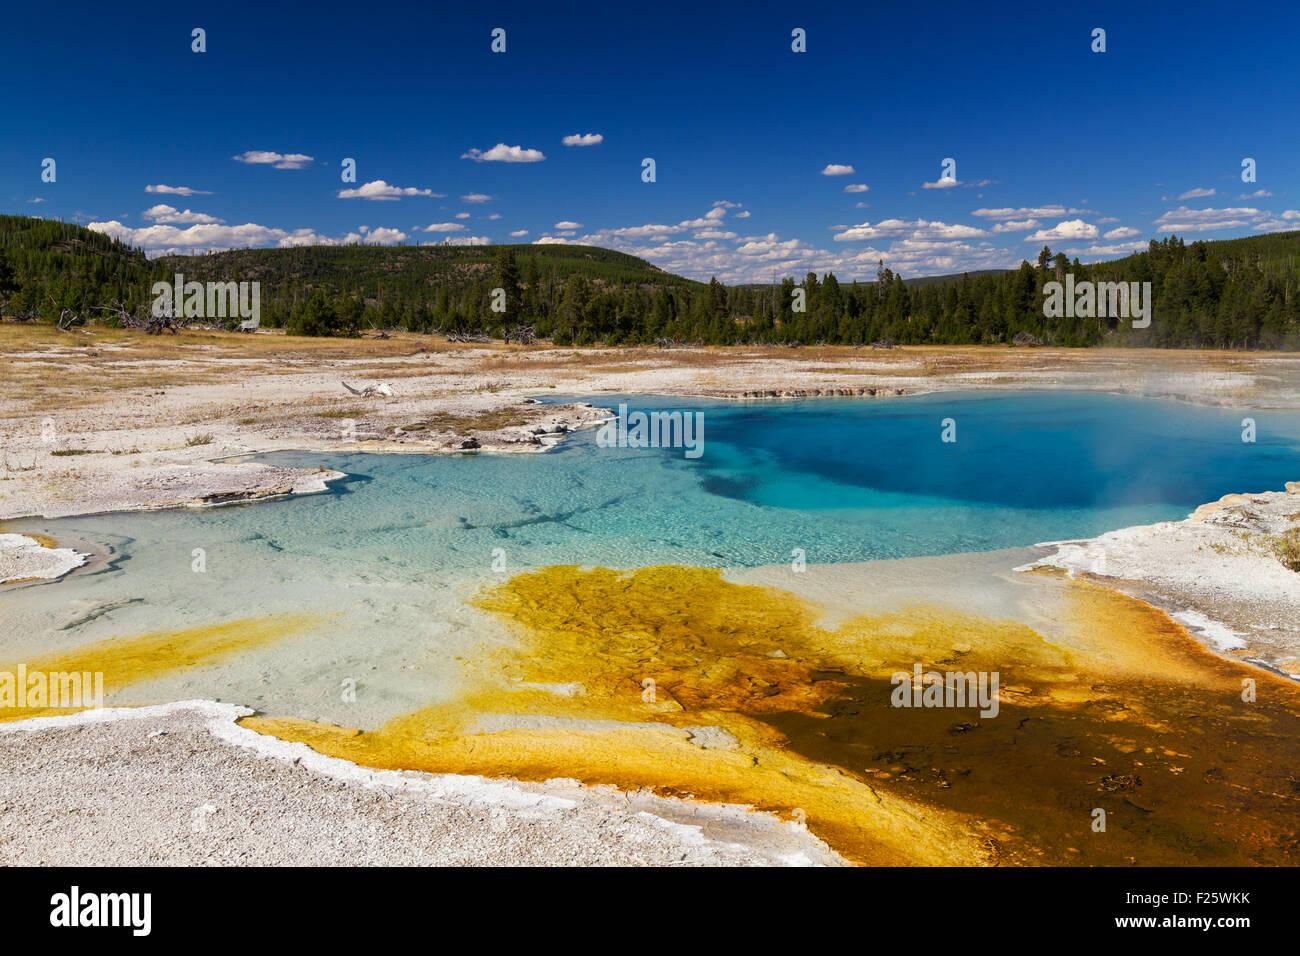 Piscina Sapphire galleta en Cuenca, el Parque Nacional Yellowstone, Wyoming, EE.UU. Foto de stock